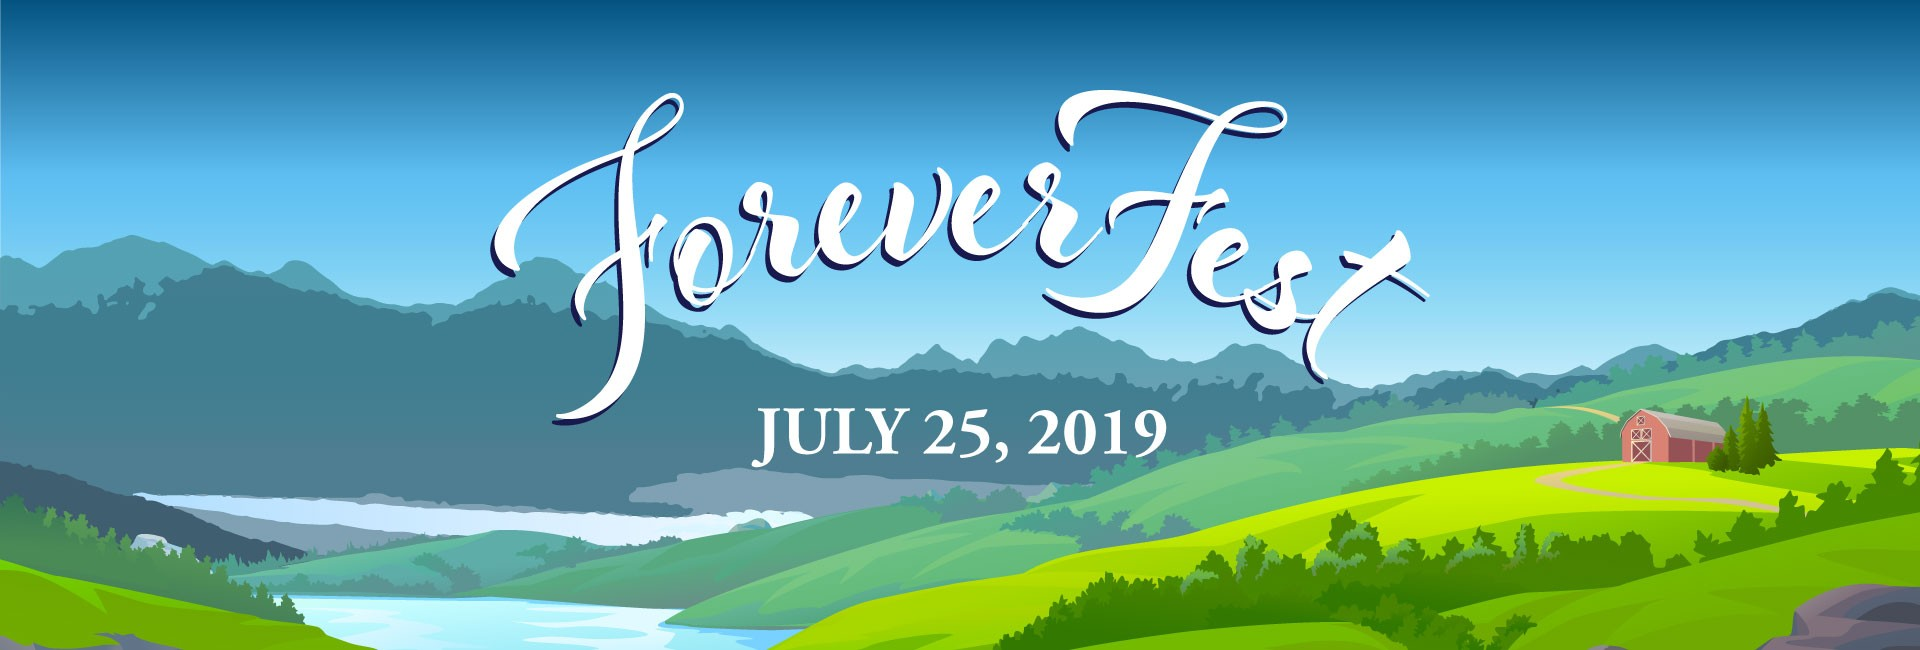 ForeverFest Banner Image